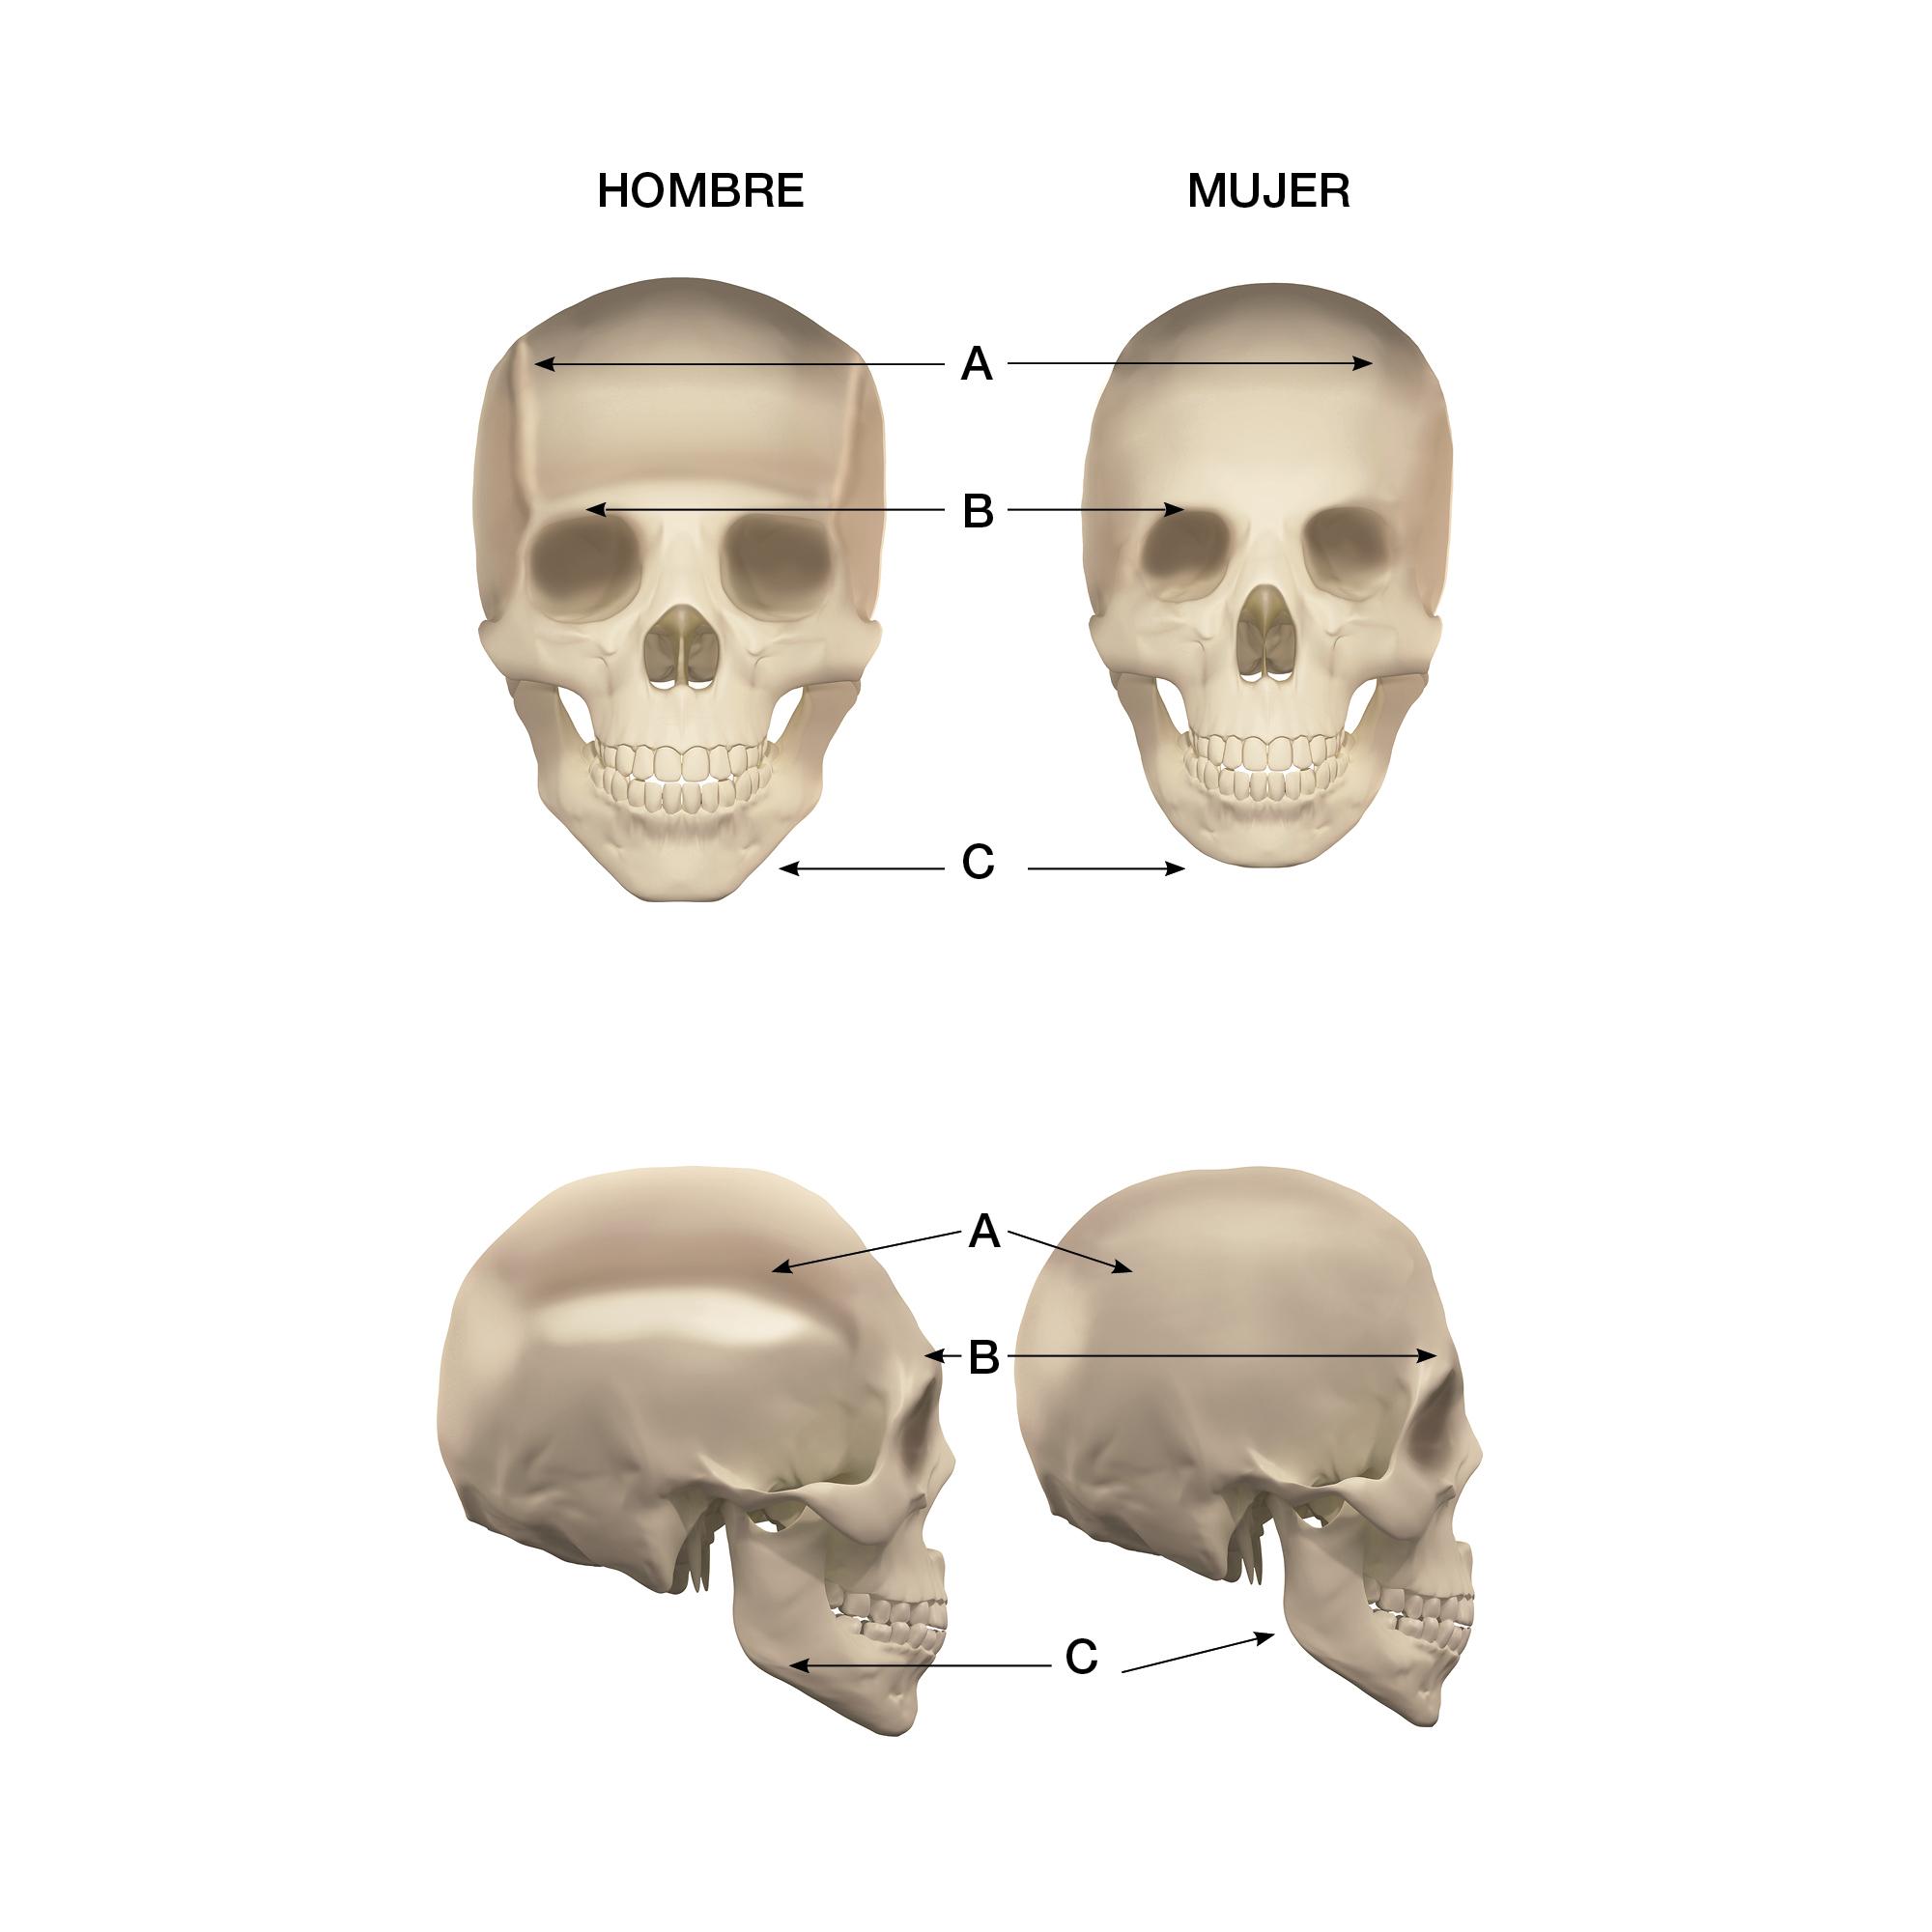 Diferencias entre cráneo masculino y femenino